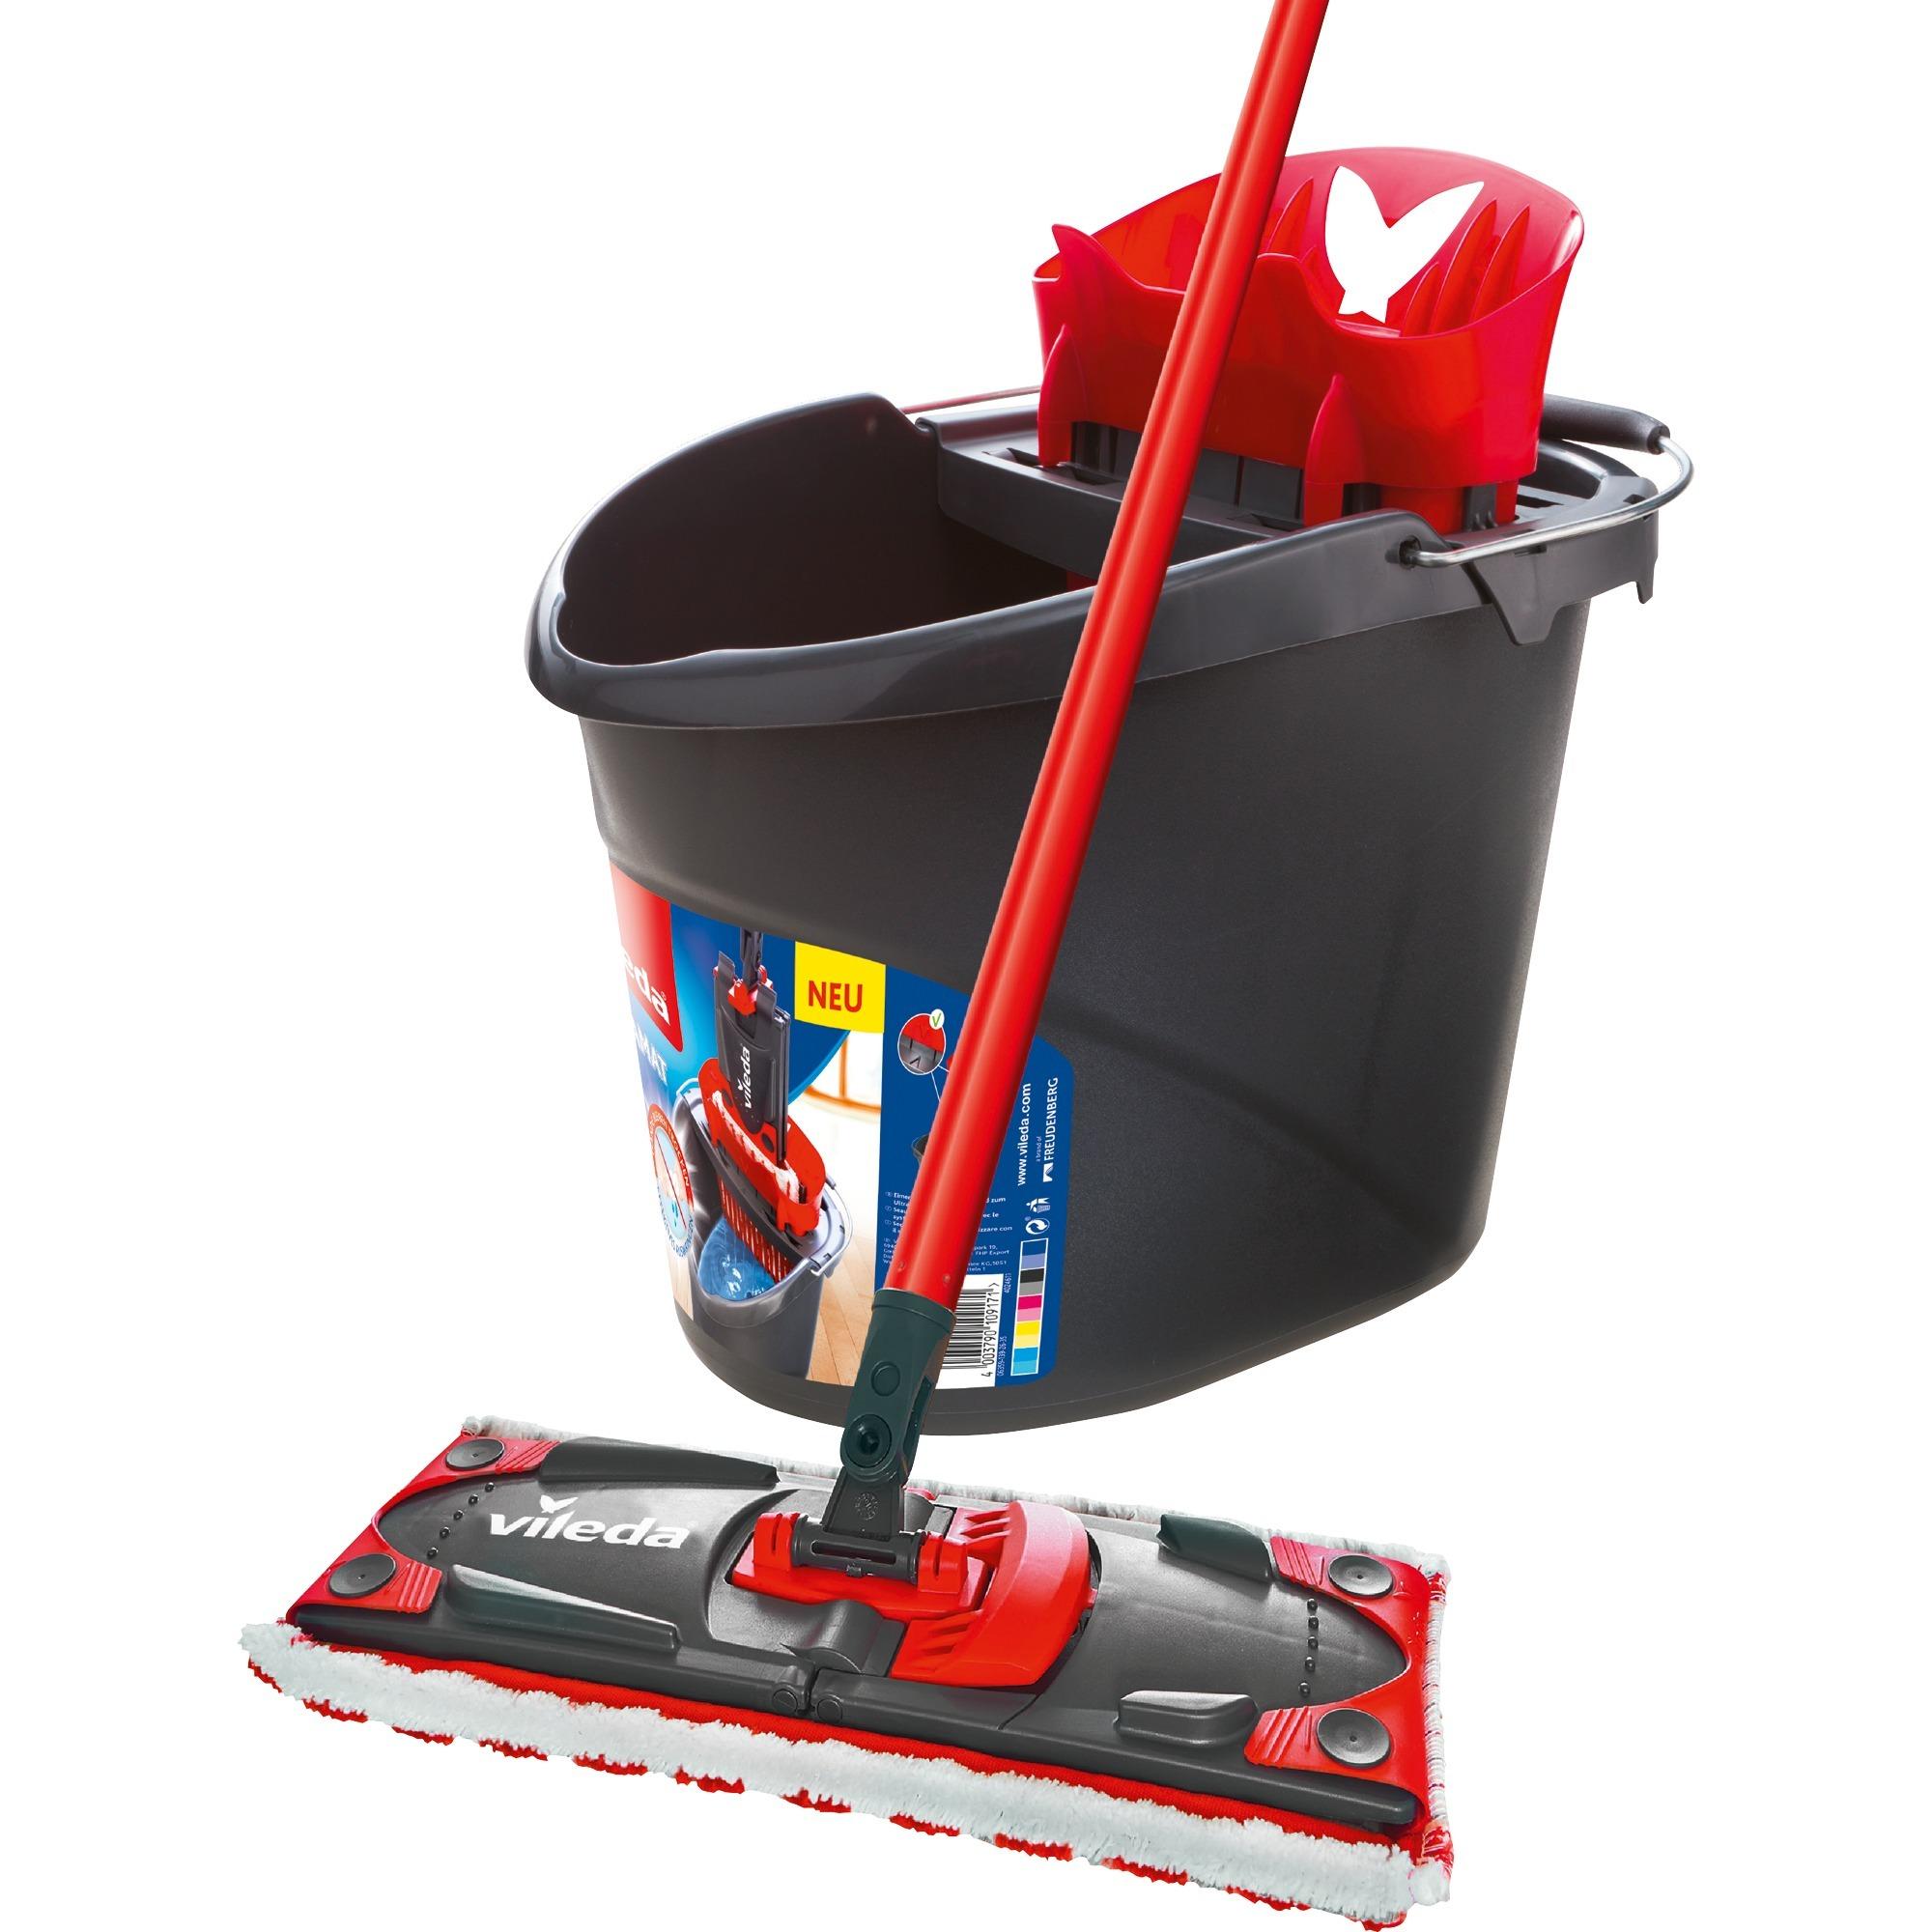 157155, Limpiador de suelo